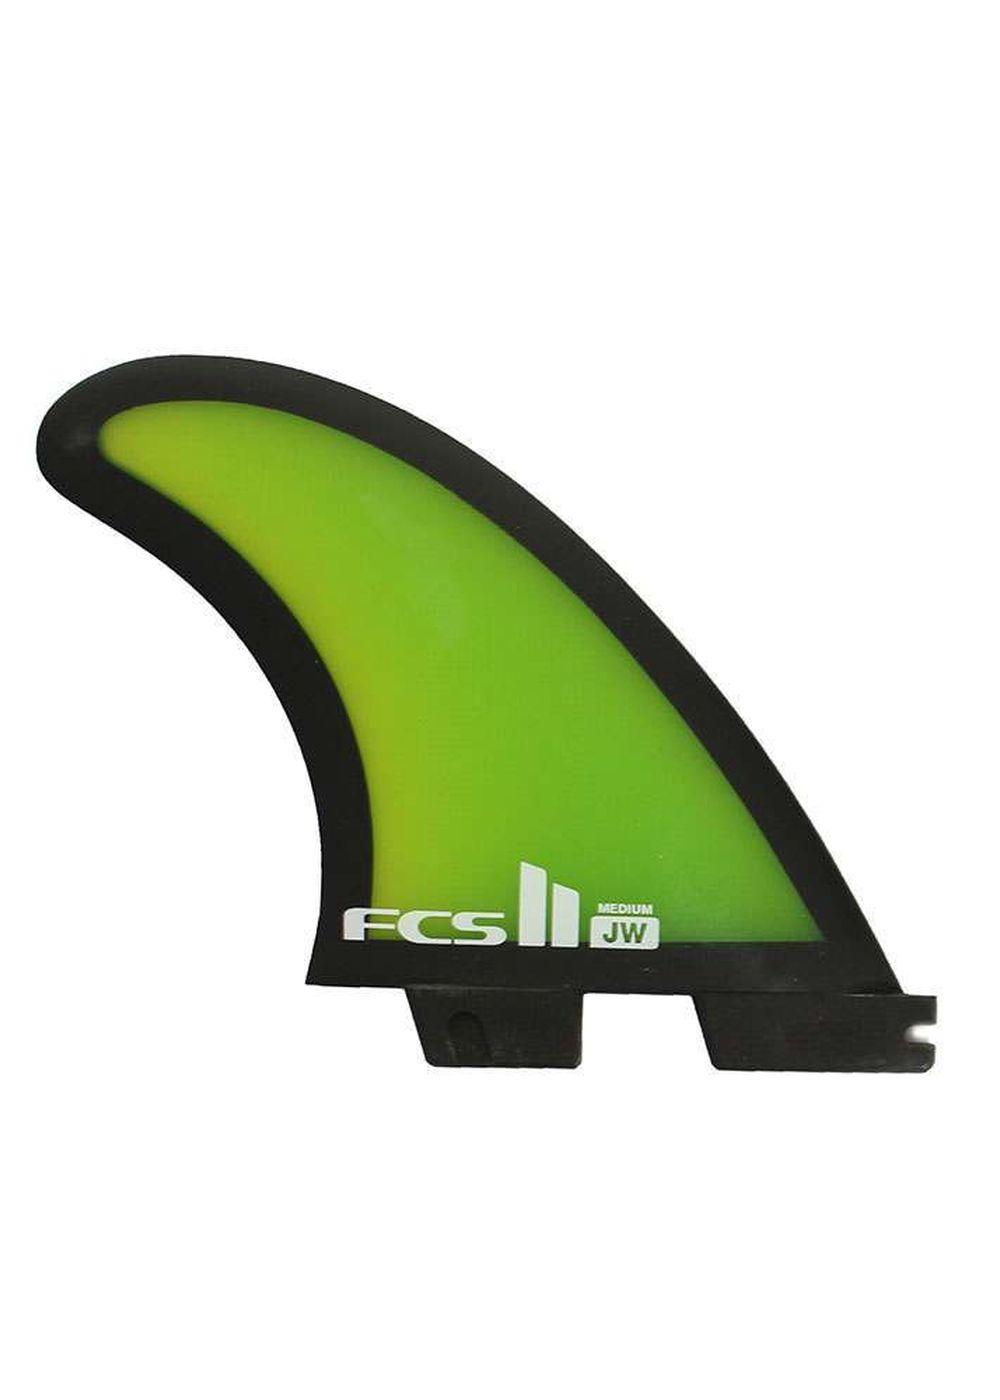 FCS 2 JW PERFORMANCE GLASS MEDIUM SURFBOARD FINS